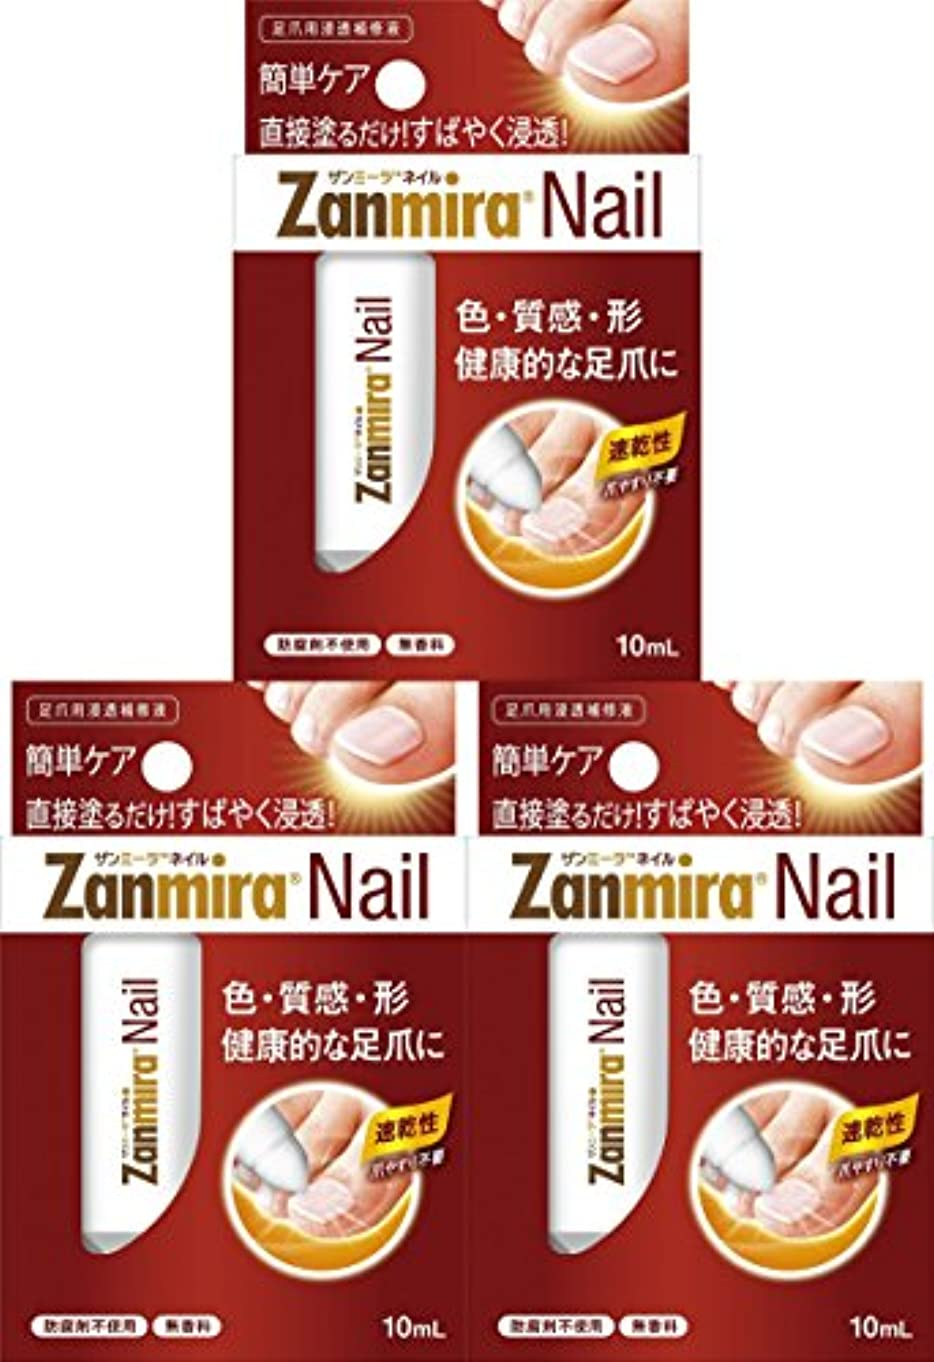 回想トンネル予想外【3個セット】ザンミーラ ネイル Zanmira Nail 10ml 足爪用浸透補修液